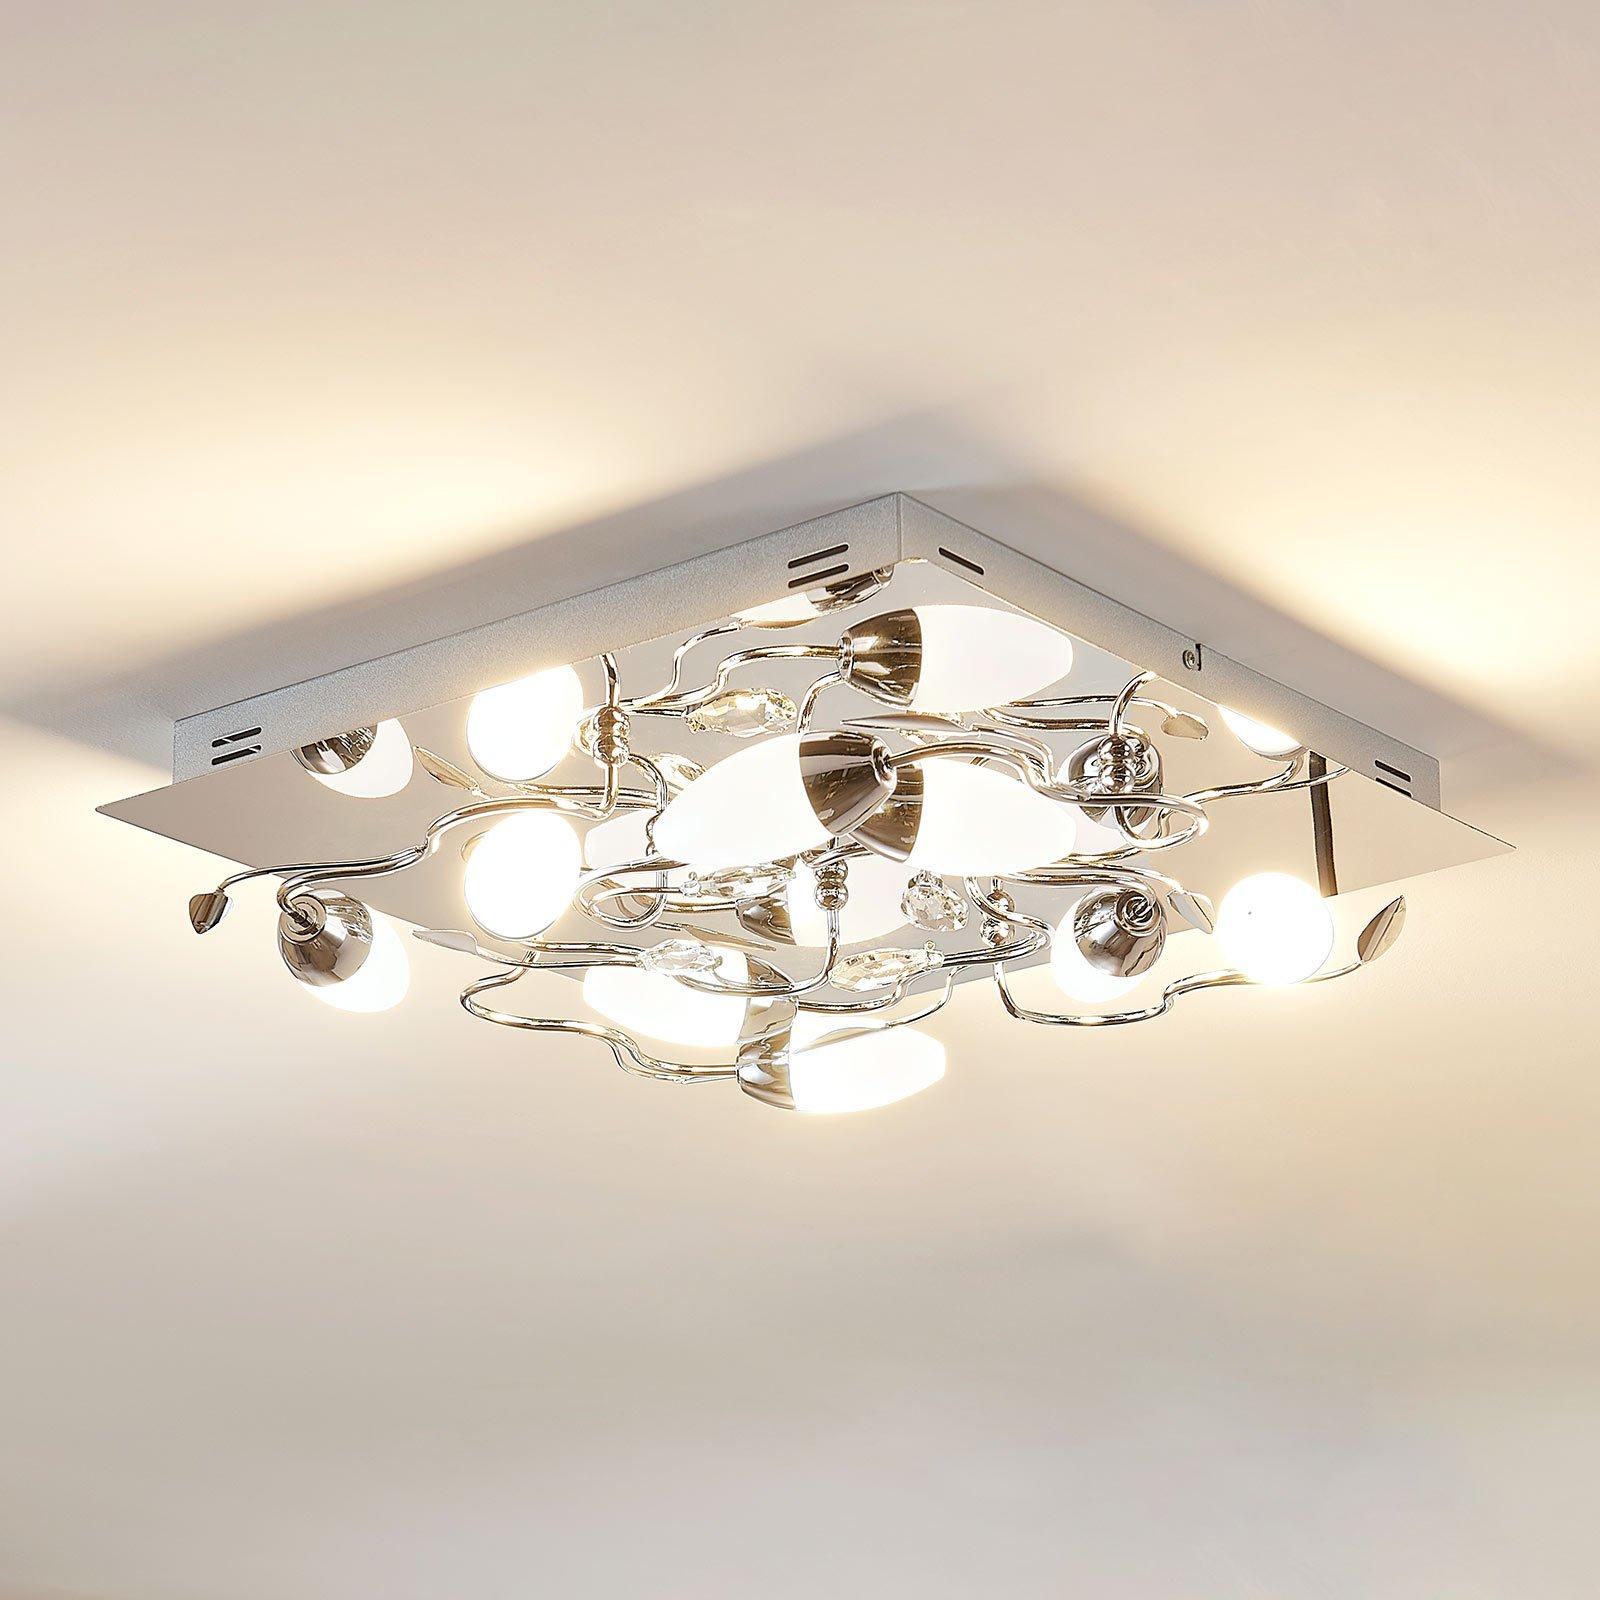 Dimbar LED-taklampe Mischa, 8 LED-lyskilder